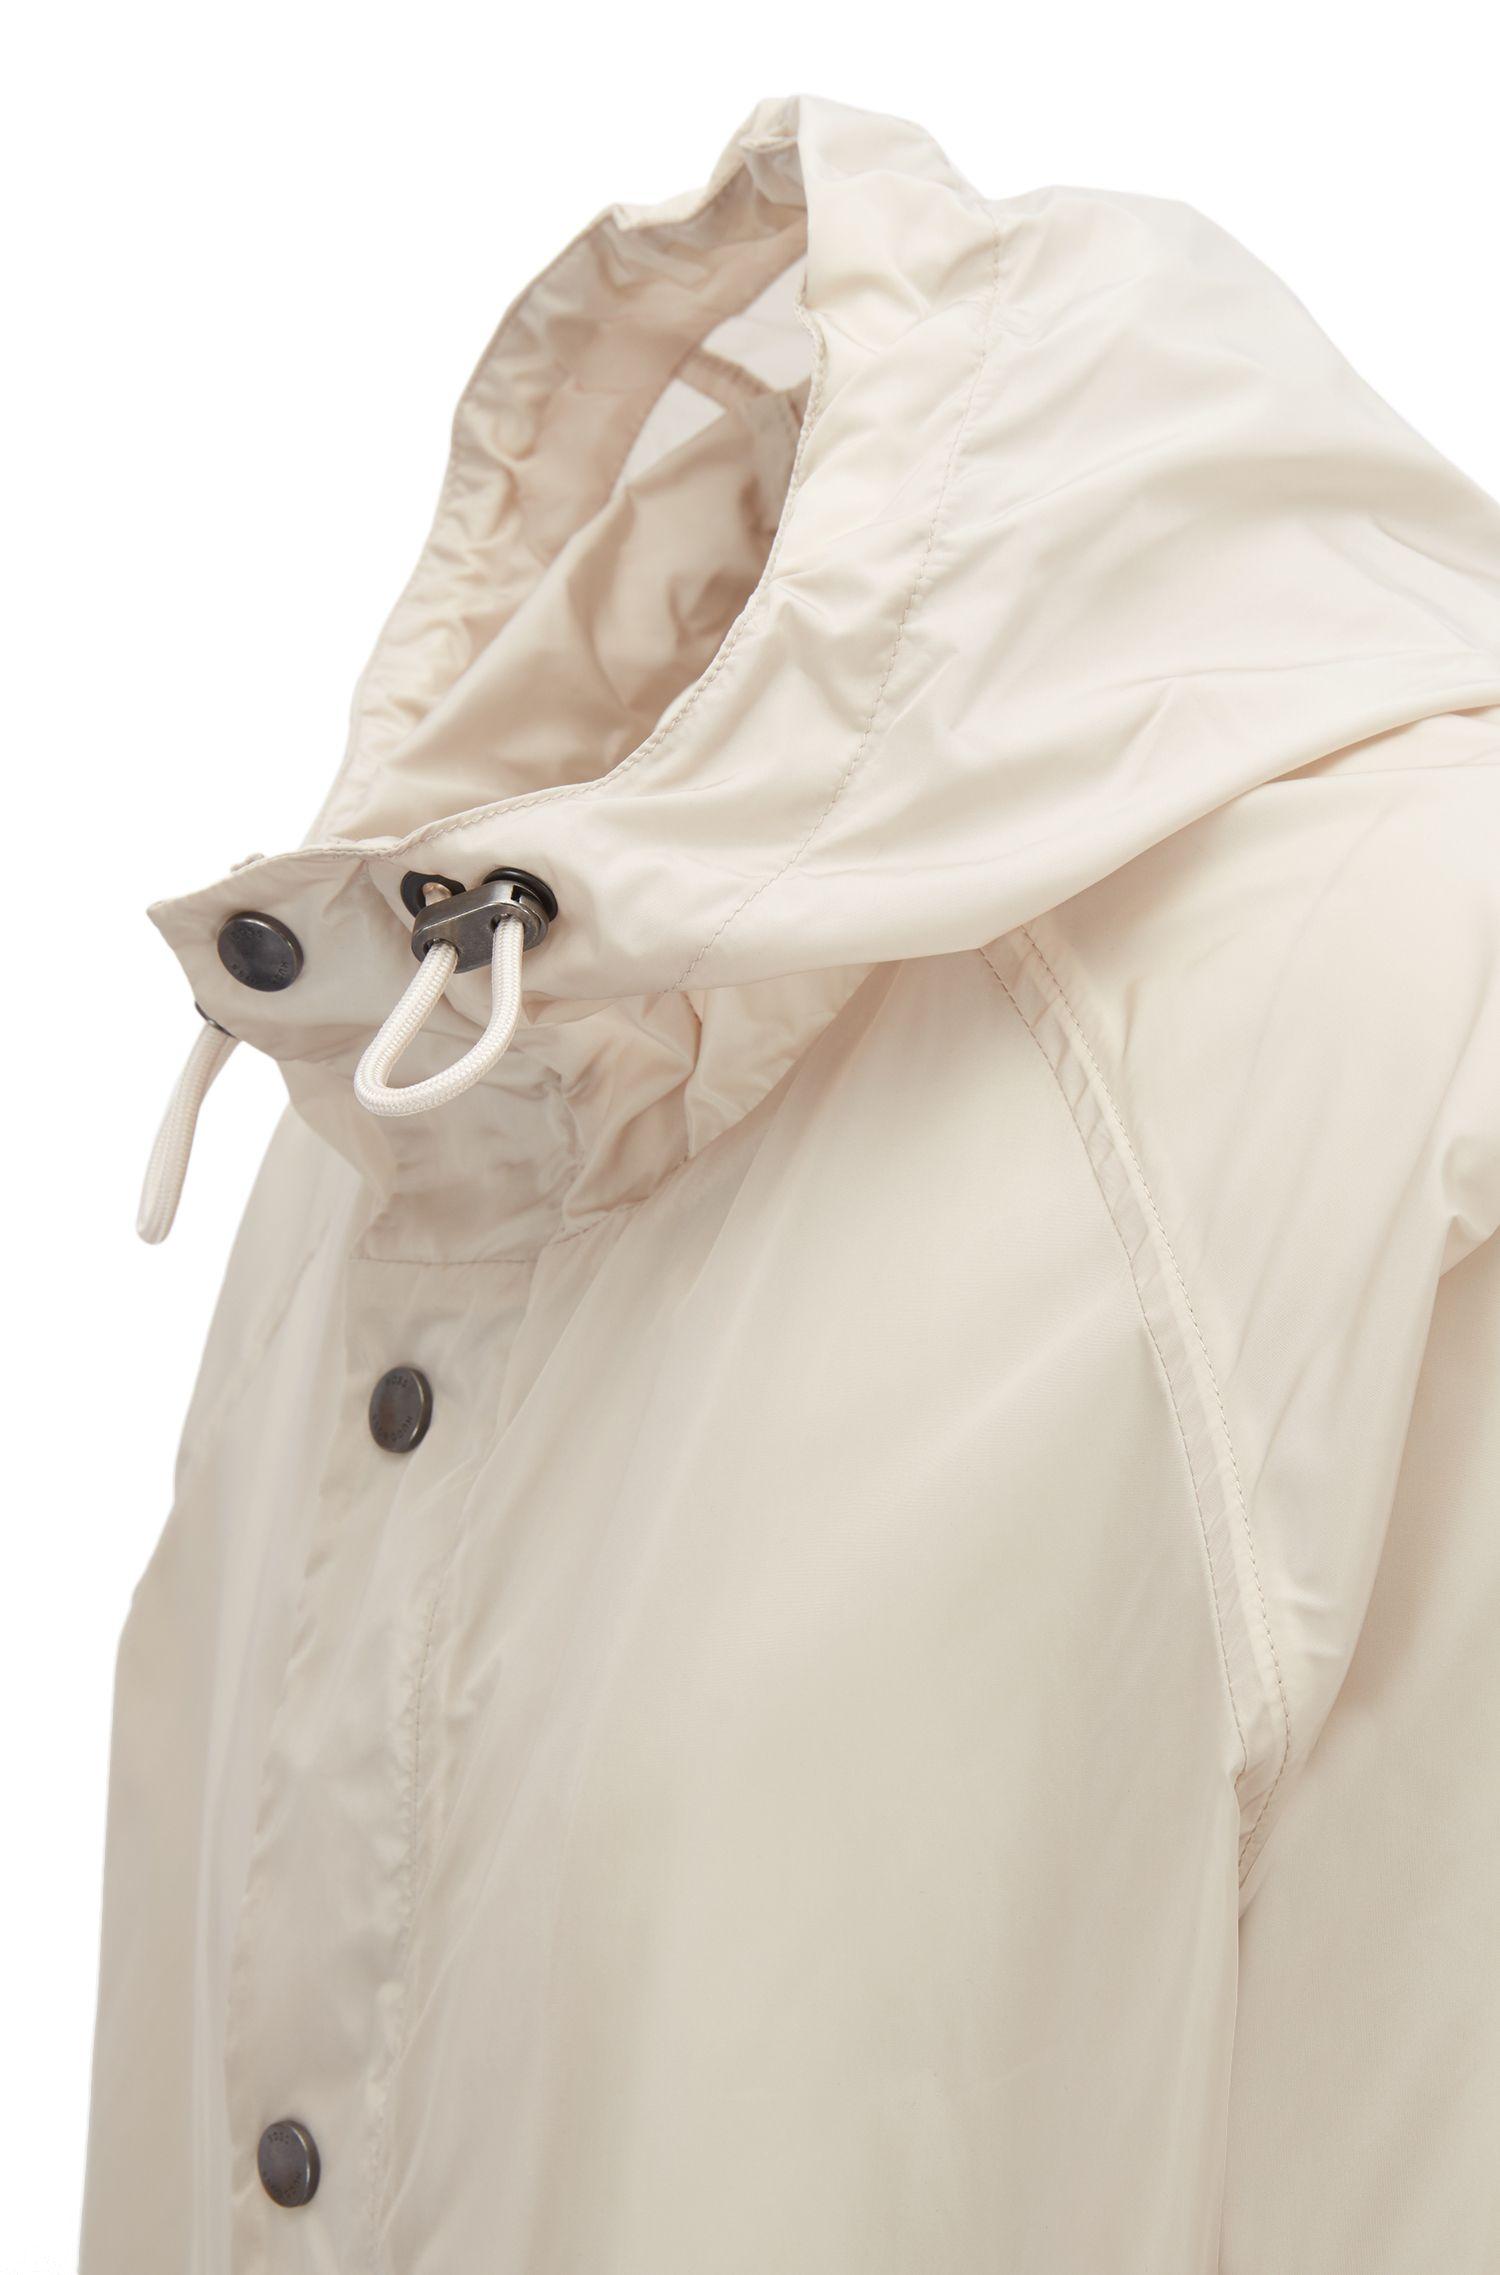 Giacca a vento con cappuccio leggera, impermeabile e idrorepellente